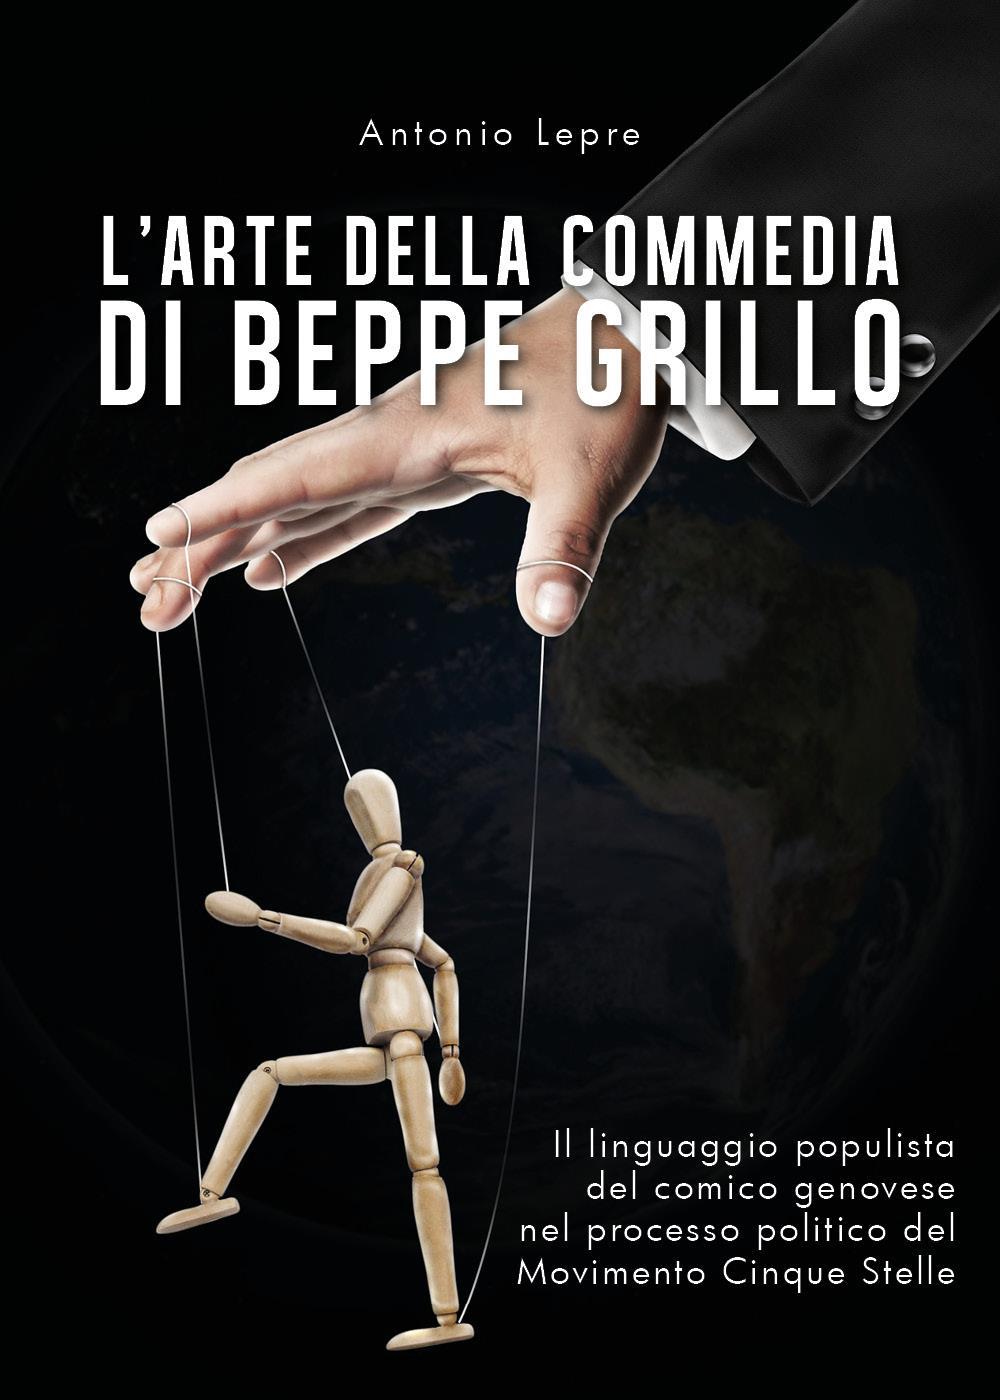 L'arte della commedia di Beppe Grillo - Il linguaggio populista del comico genovese nel processo politico del Movimento Cinque Stelle